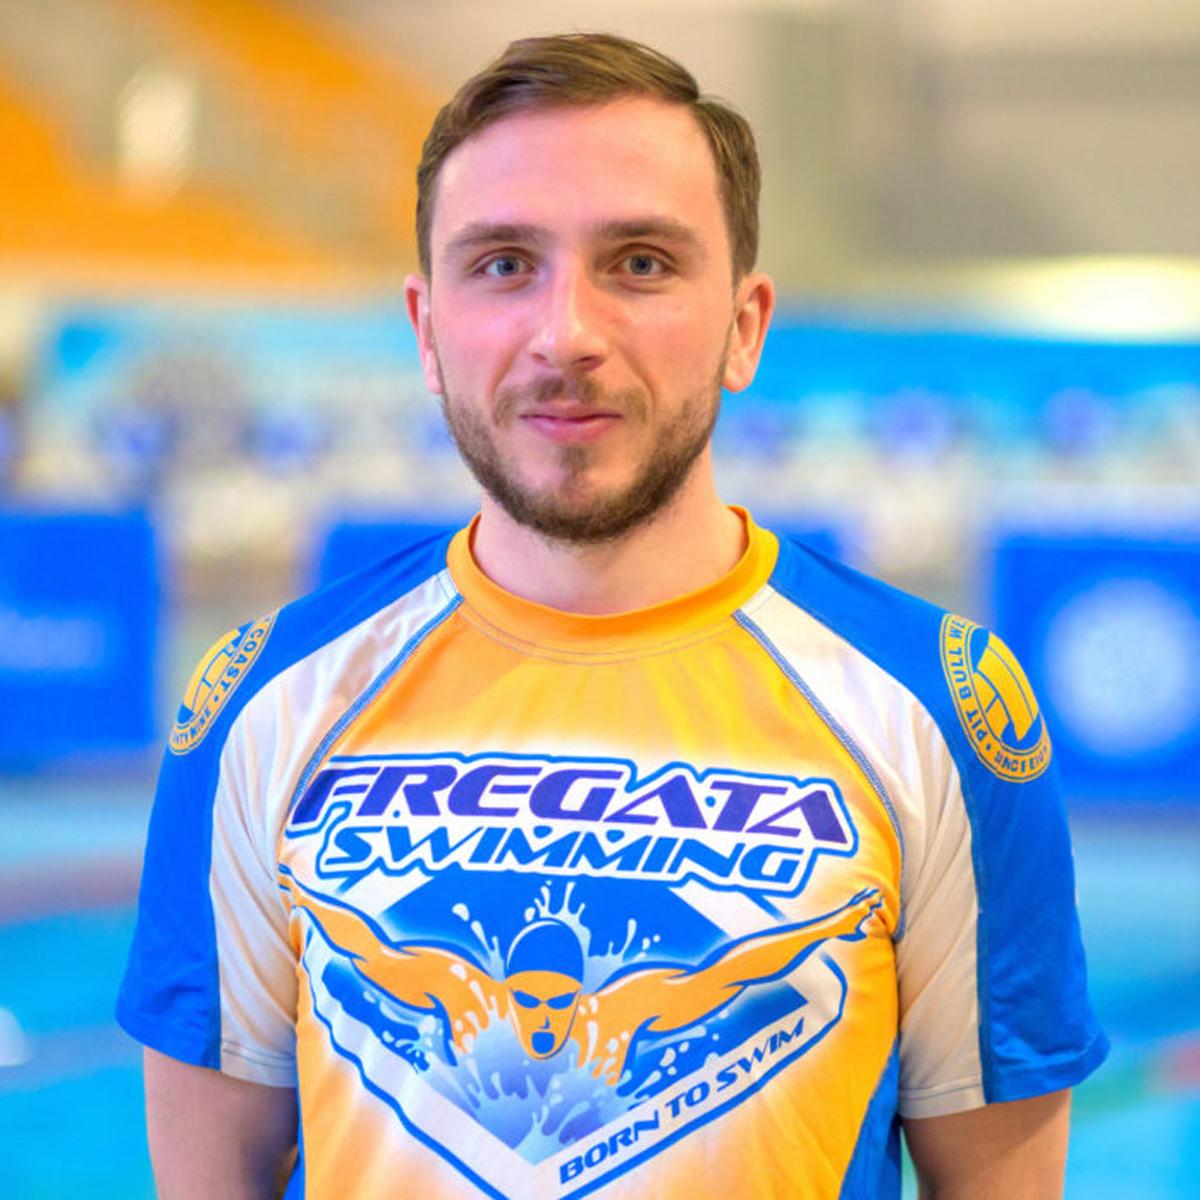 Szymon Siejkowski